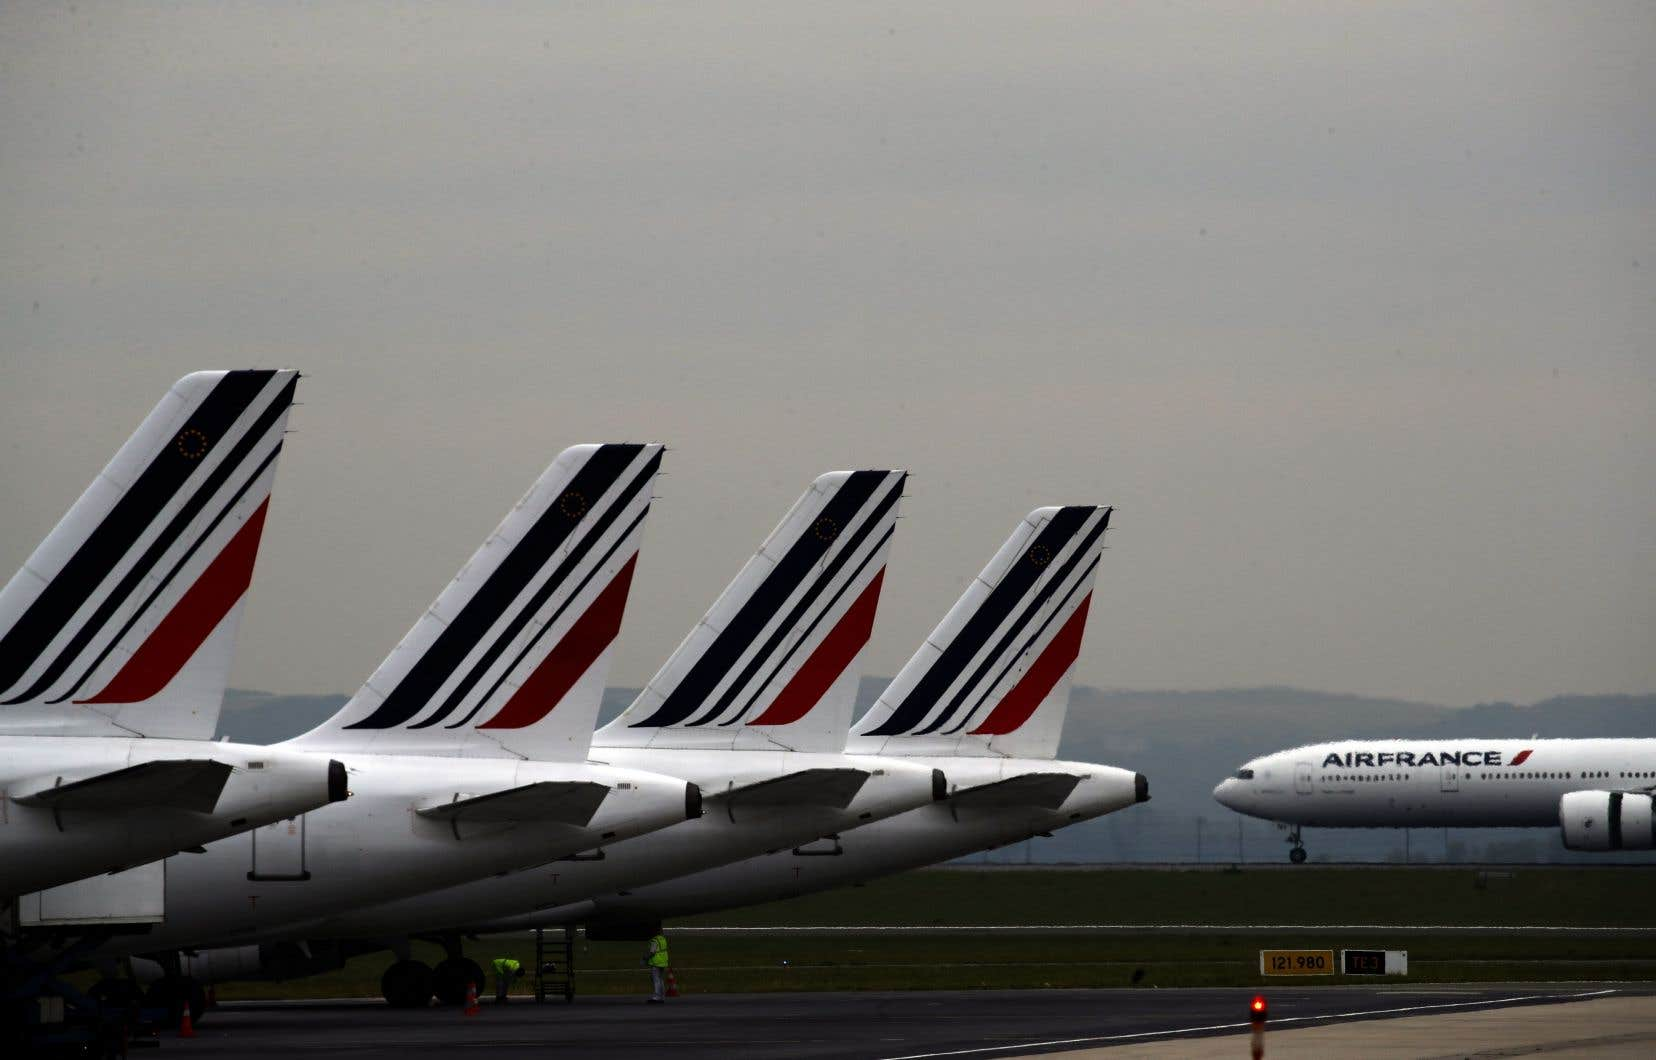 L'écotaxe a été vigoureusement dénoncée par le secteur du transport aérien, à commencer par la compagnie nationale Air France, qui a qualifié la décision gouvernementale d'«incompréhensible» et d'«extrêmement pénalisante».